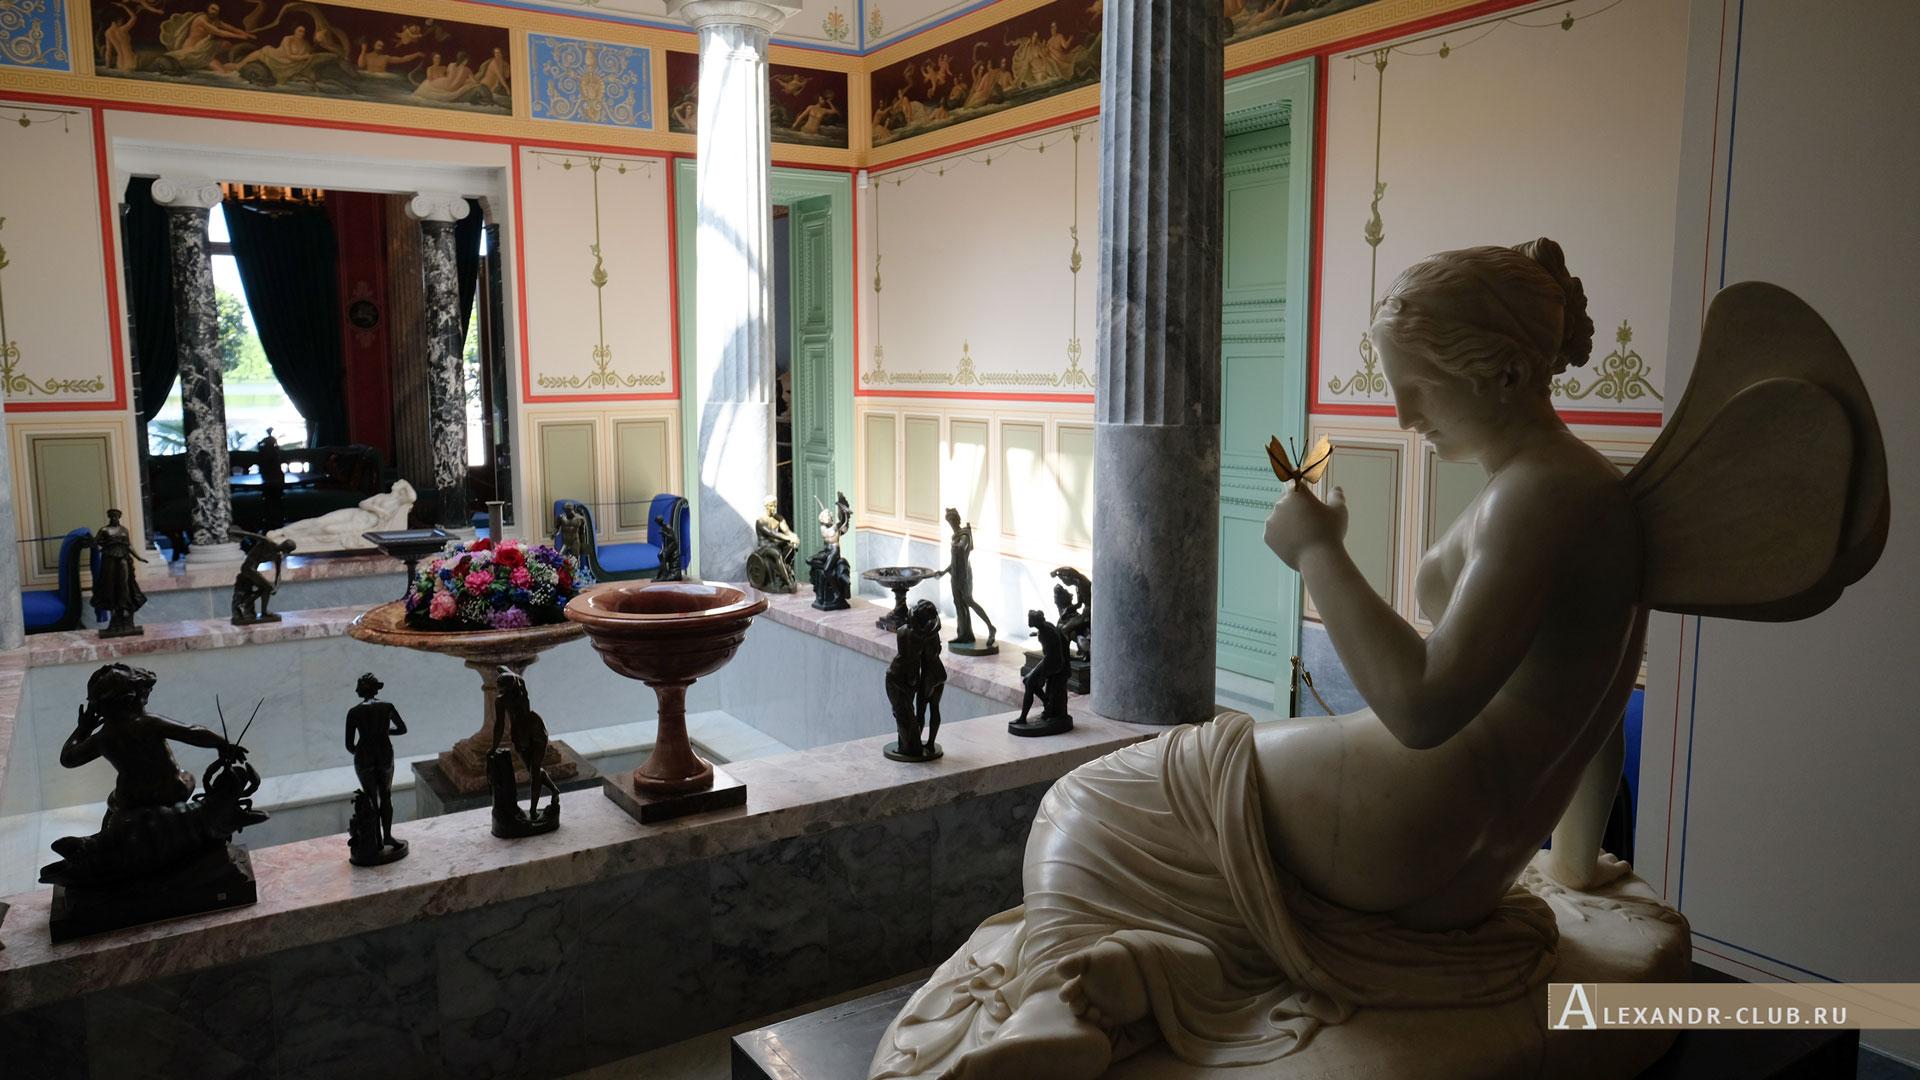 Петергоф, Колонистский парк, лето, Царицын павильон, атриум, скульптура «Психея», бассейн